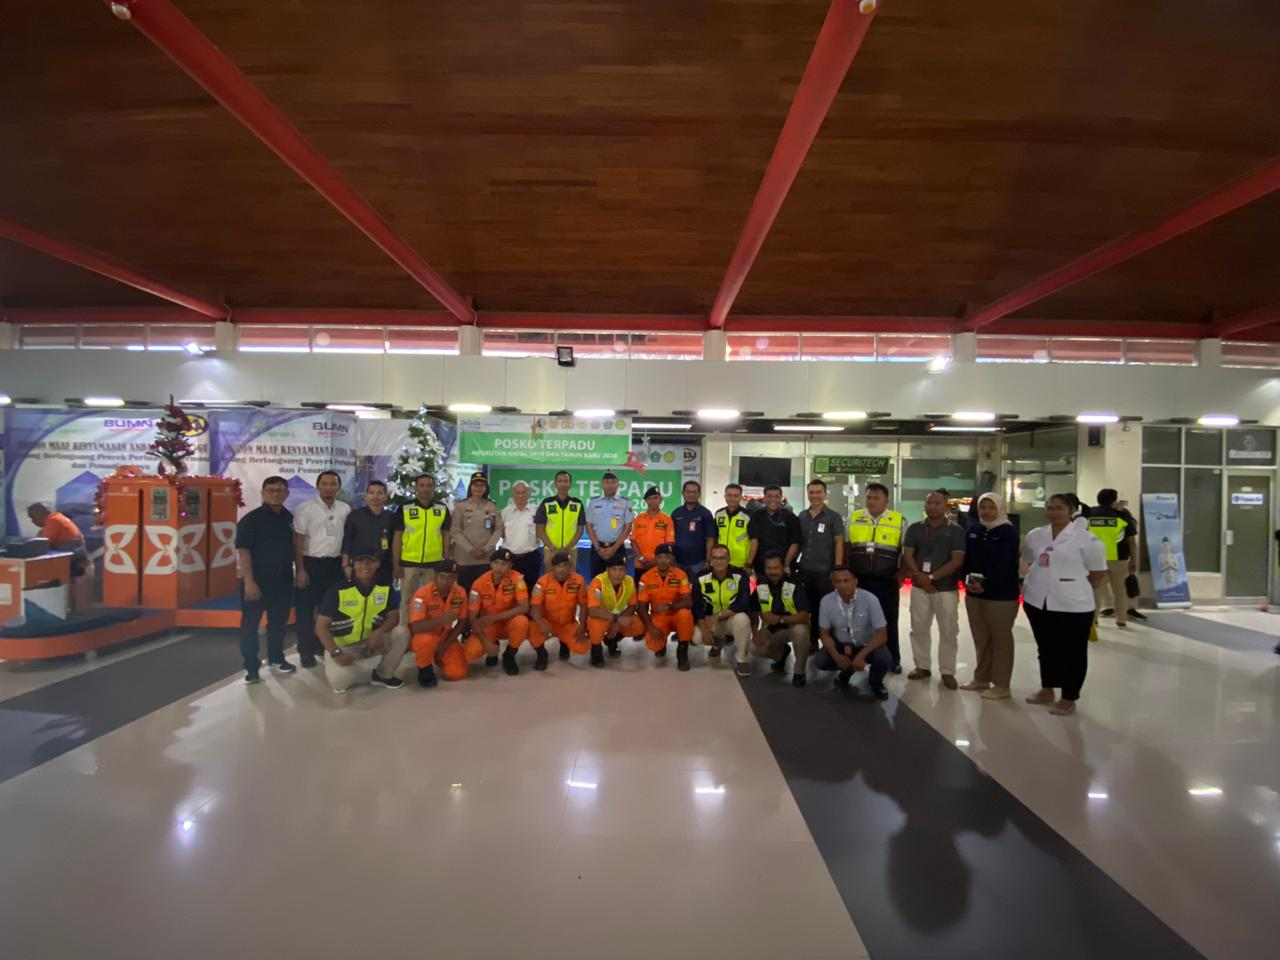 Angkasa Pura Siapkan Posko Terpadu di Bandara Pattimura